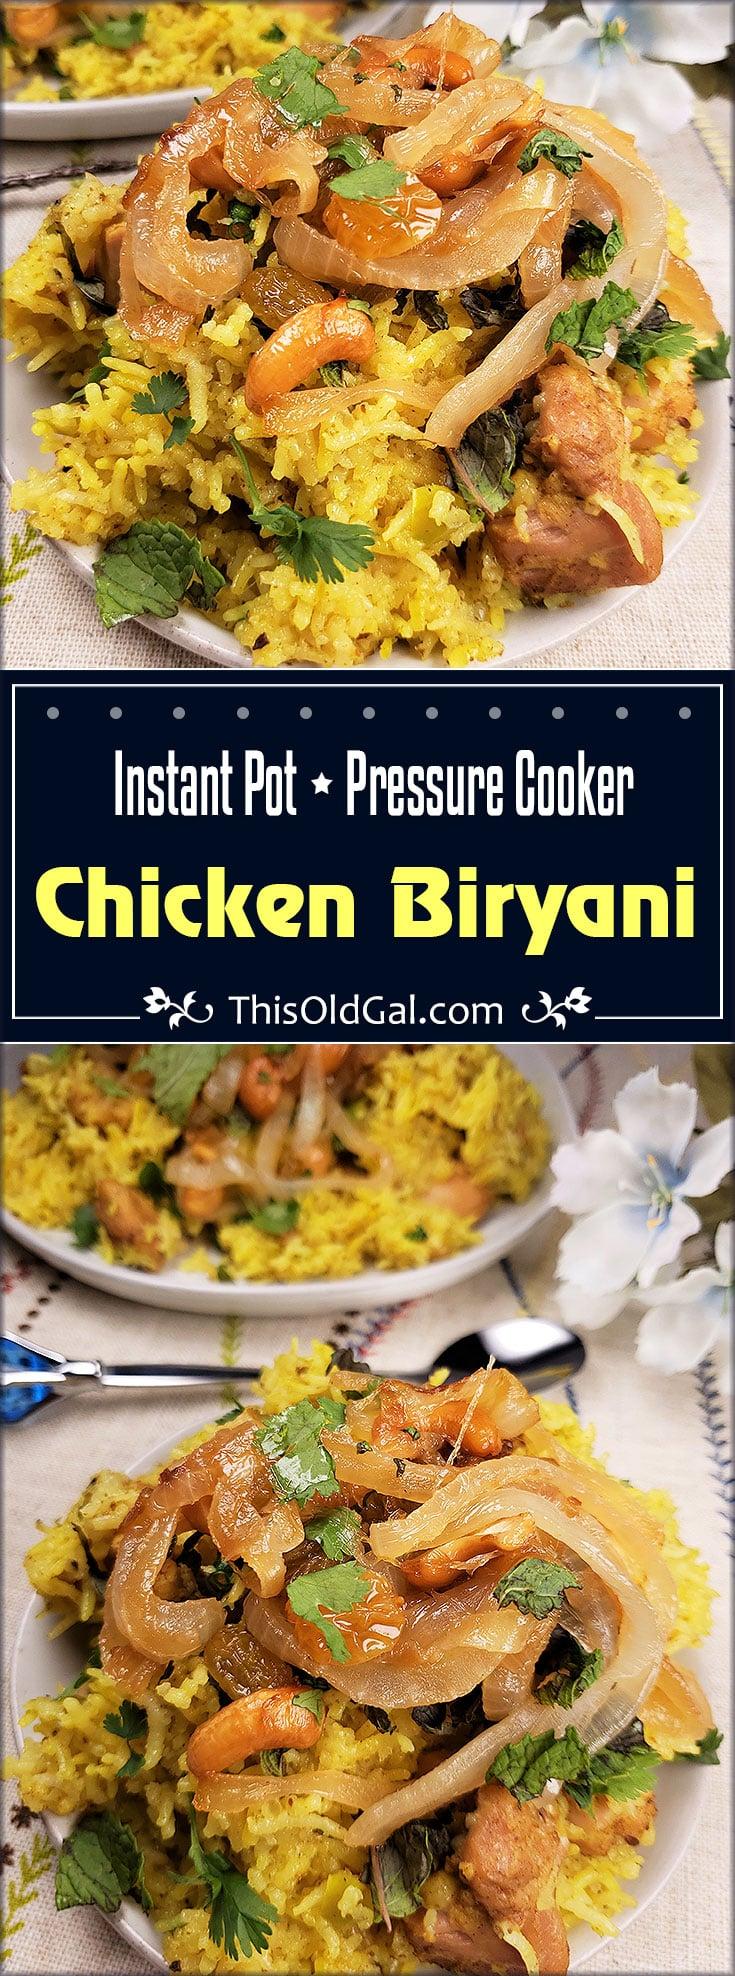 Restaurant Quality Pressure Cooker Chicken Biryani!